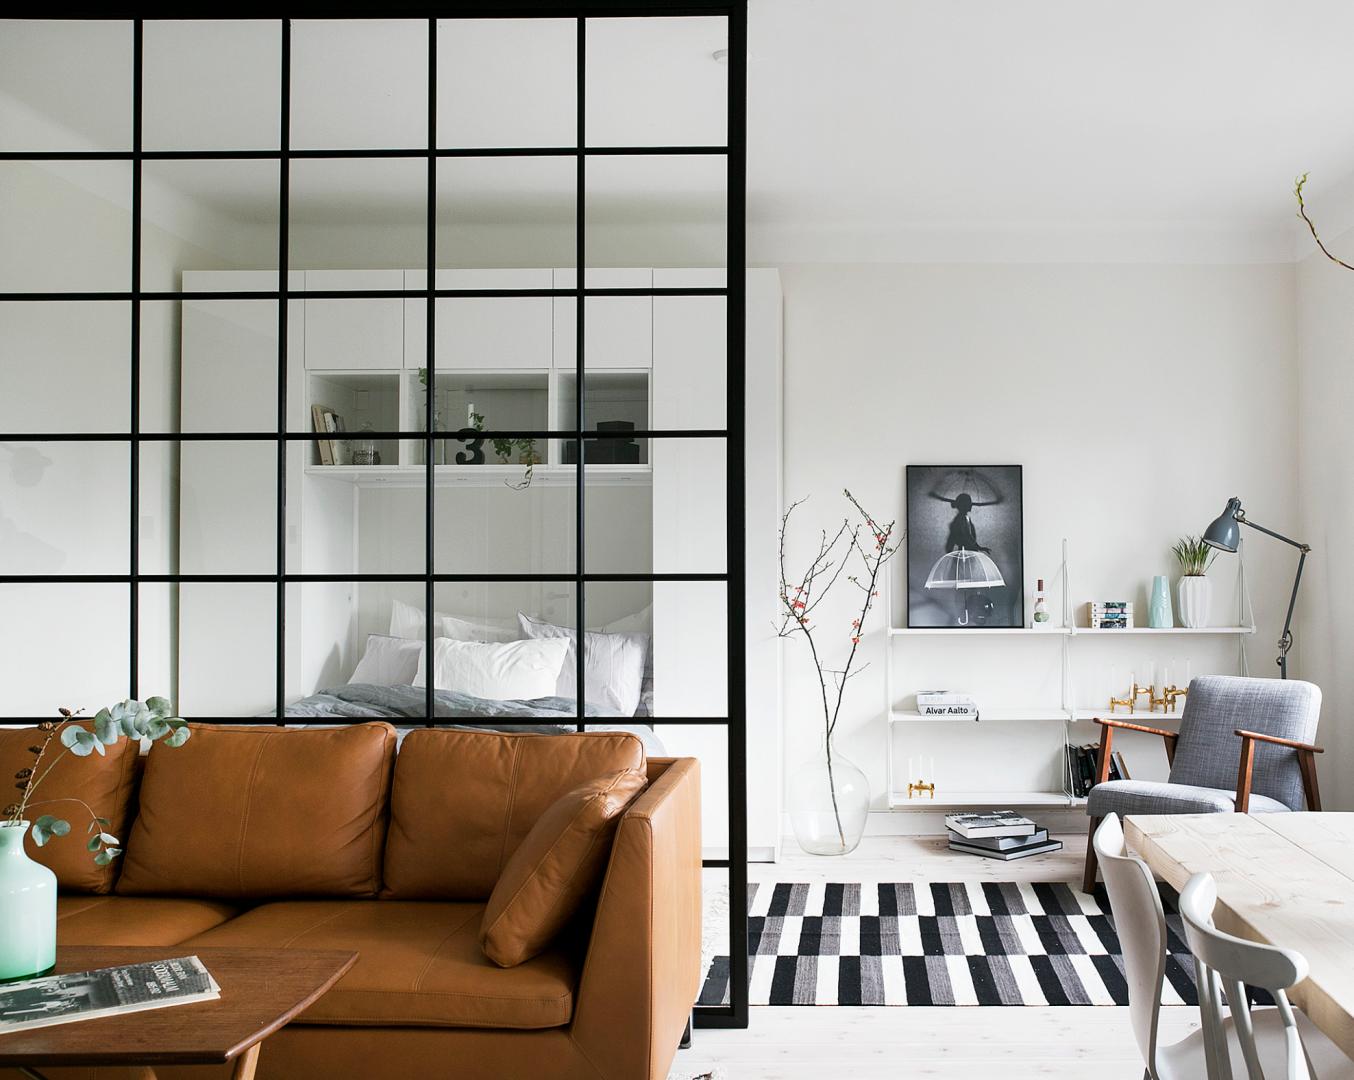 cheap modern interieur zen interieur kenmerken voor een inrichting with interieur kenmerken